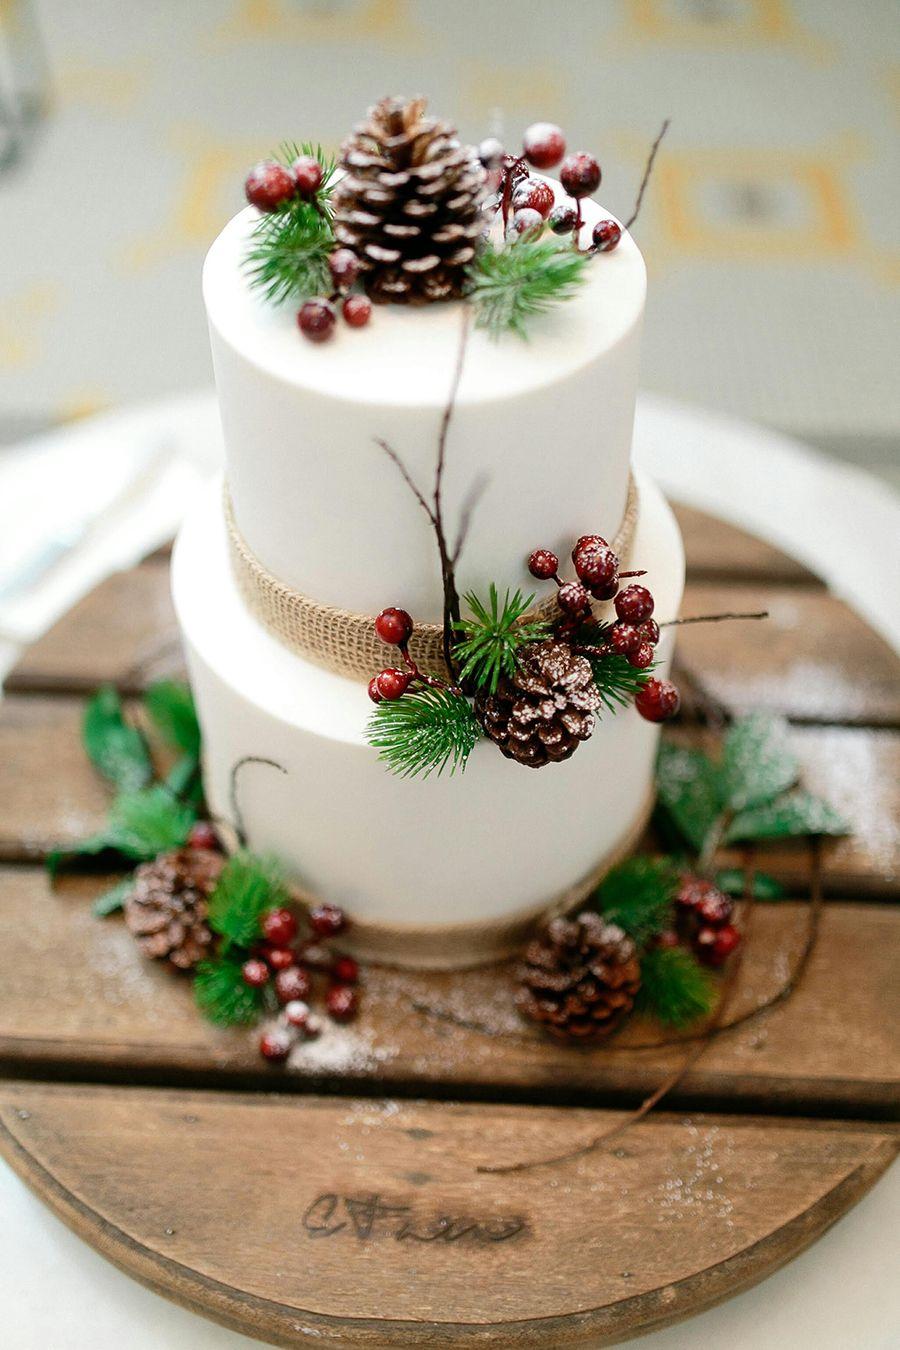 Top 10 Wedding Cake Creators in Malaysia – Part 2